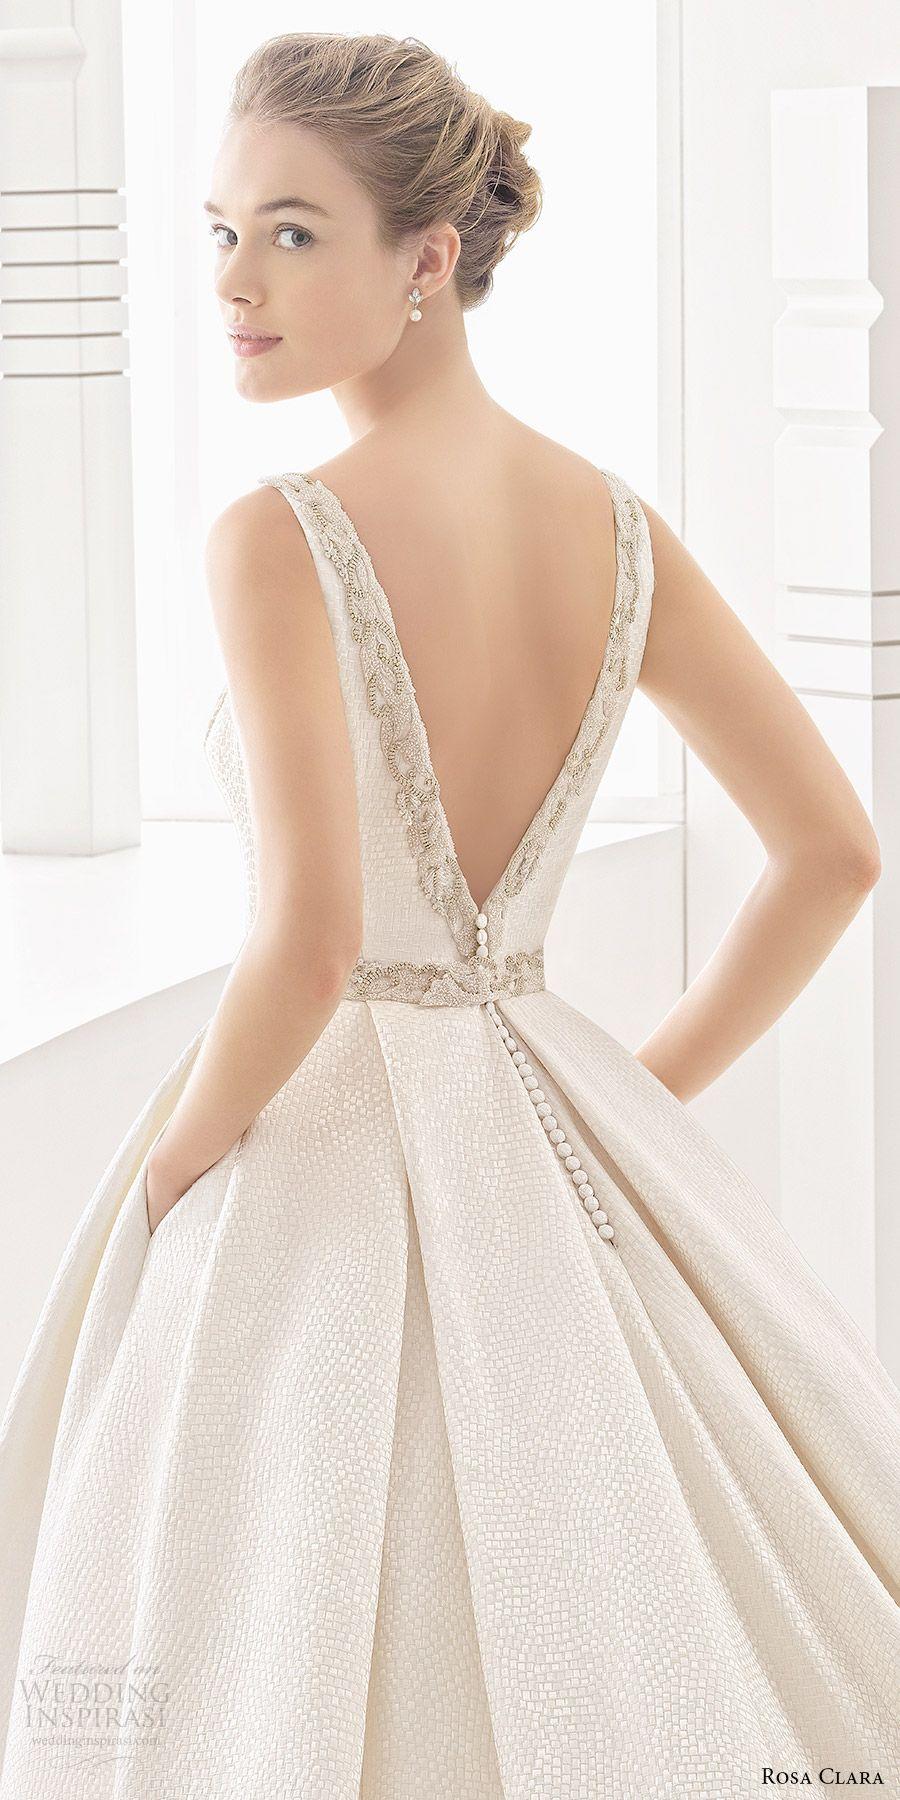 Pin von Lau Gue auf Mi vestido ideal | Pinterest | Hochzeitsbilder